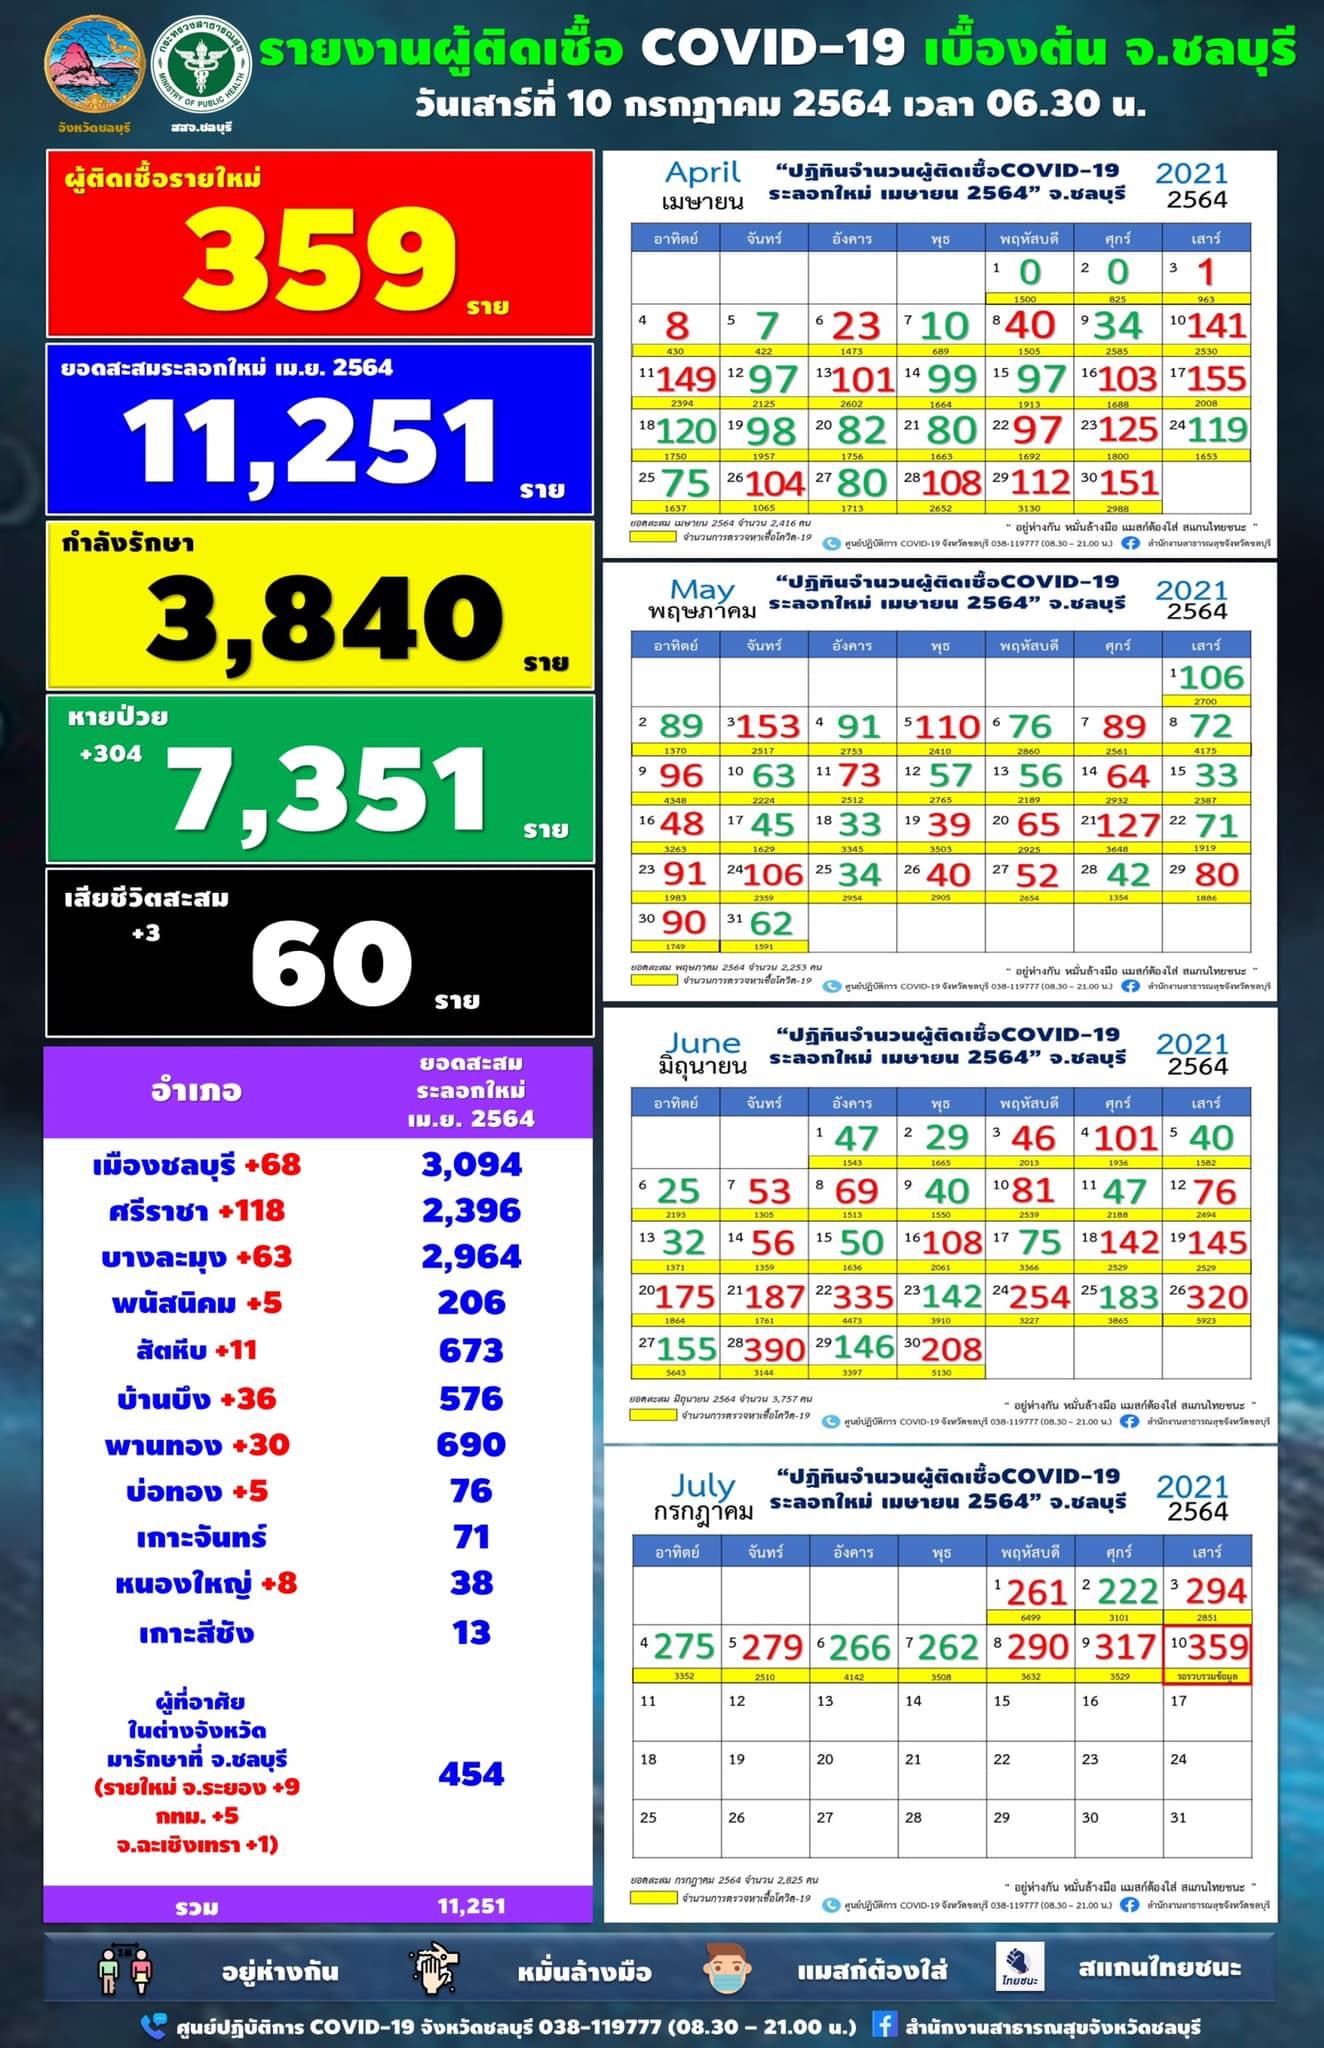 チョンブリ県 359人陽性/シラチャ118人/パタヤ63人[2021年7月10日発表]